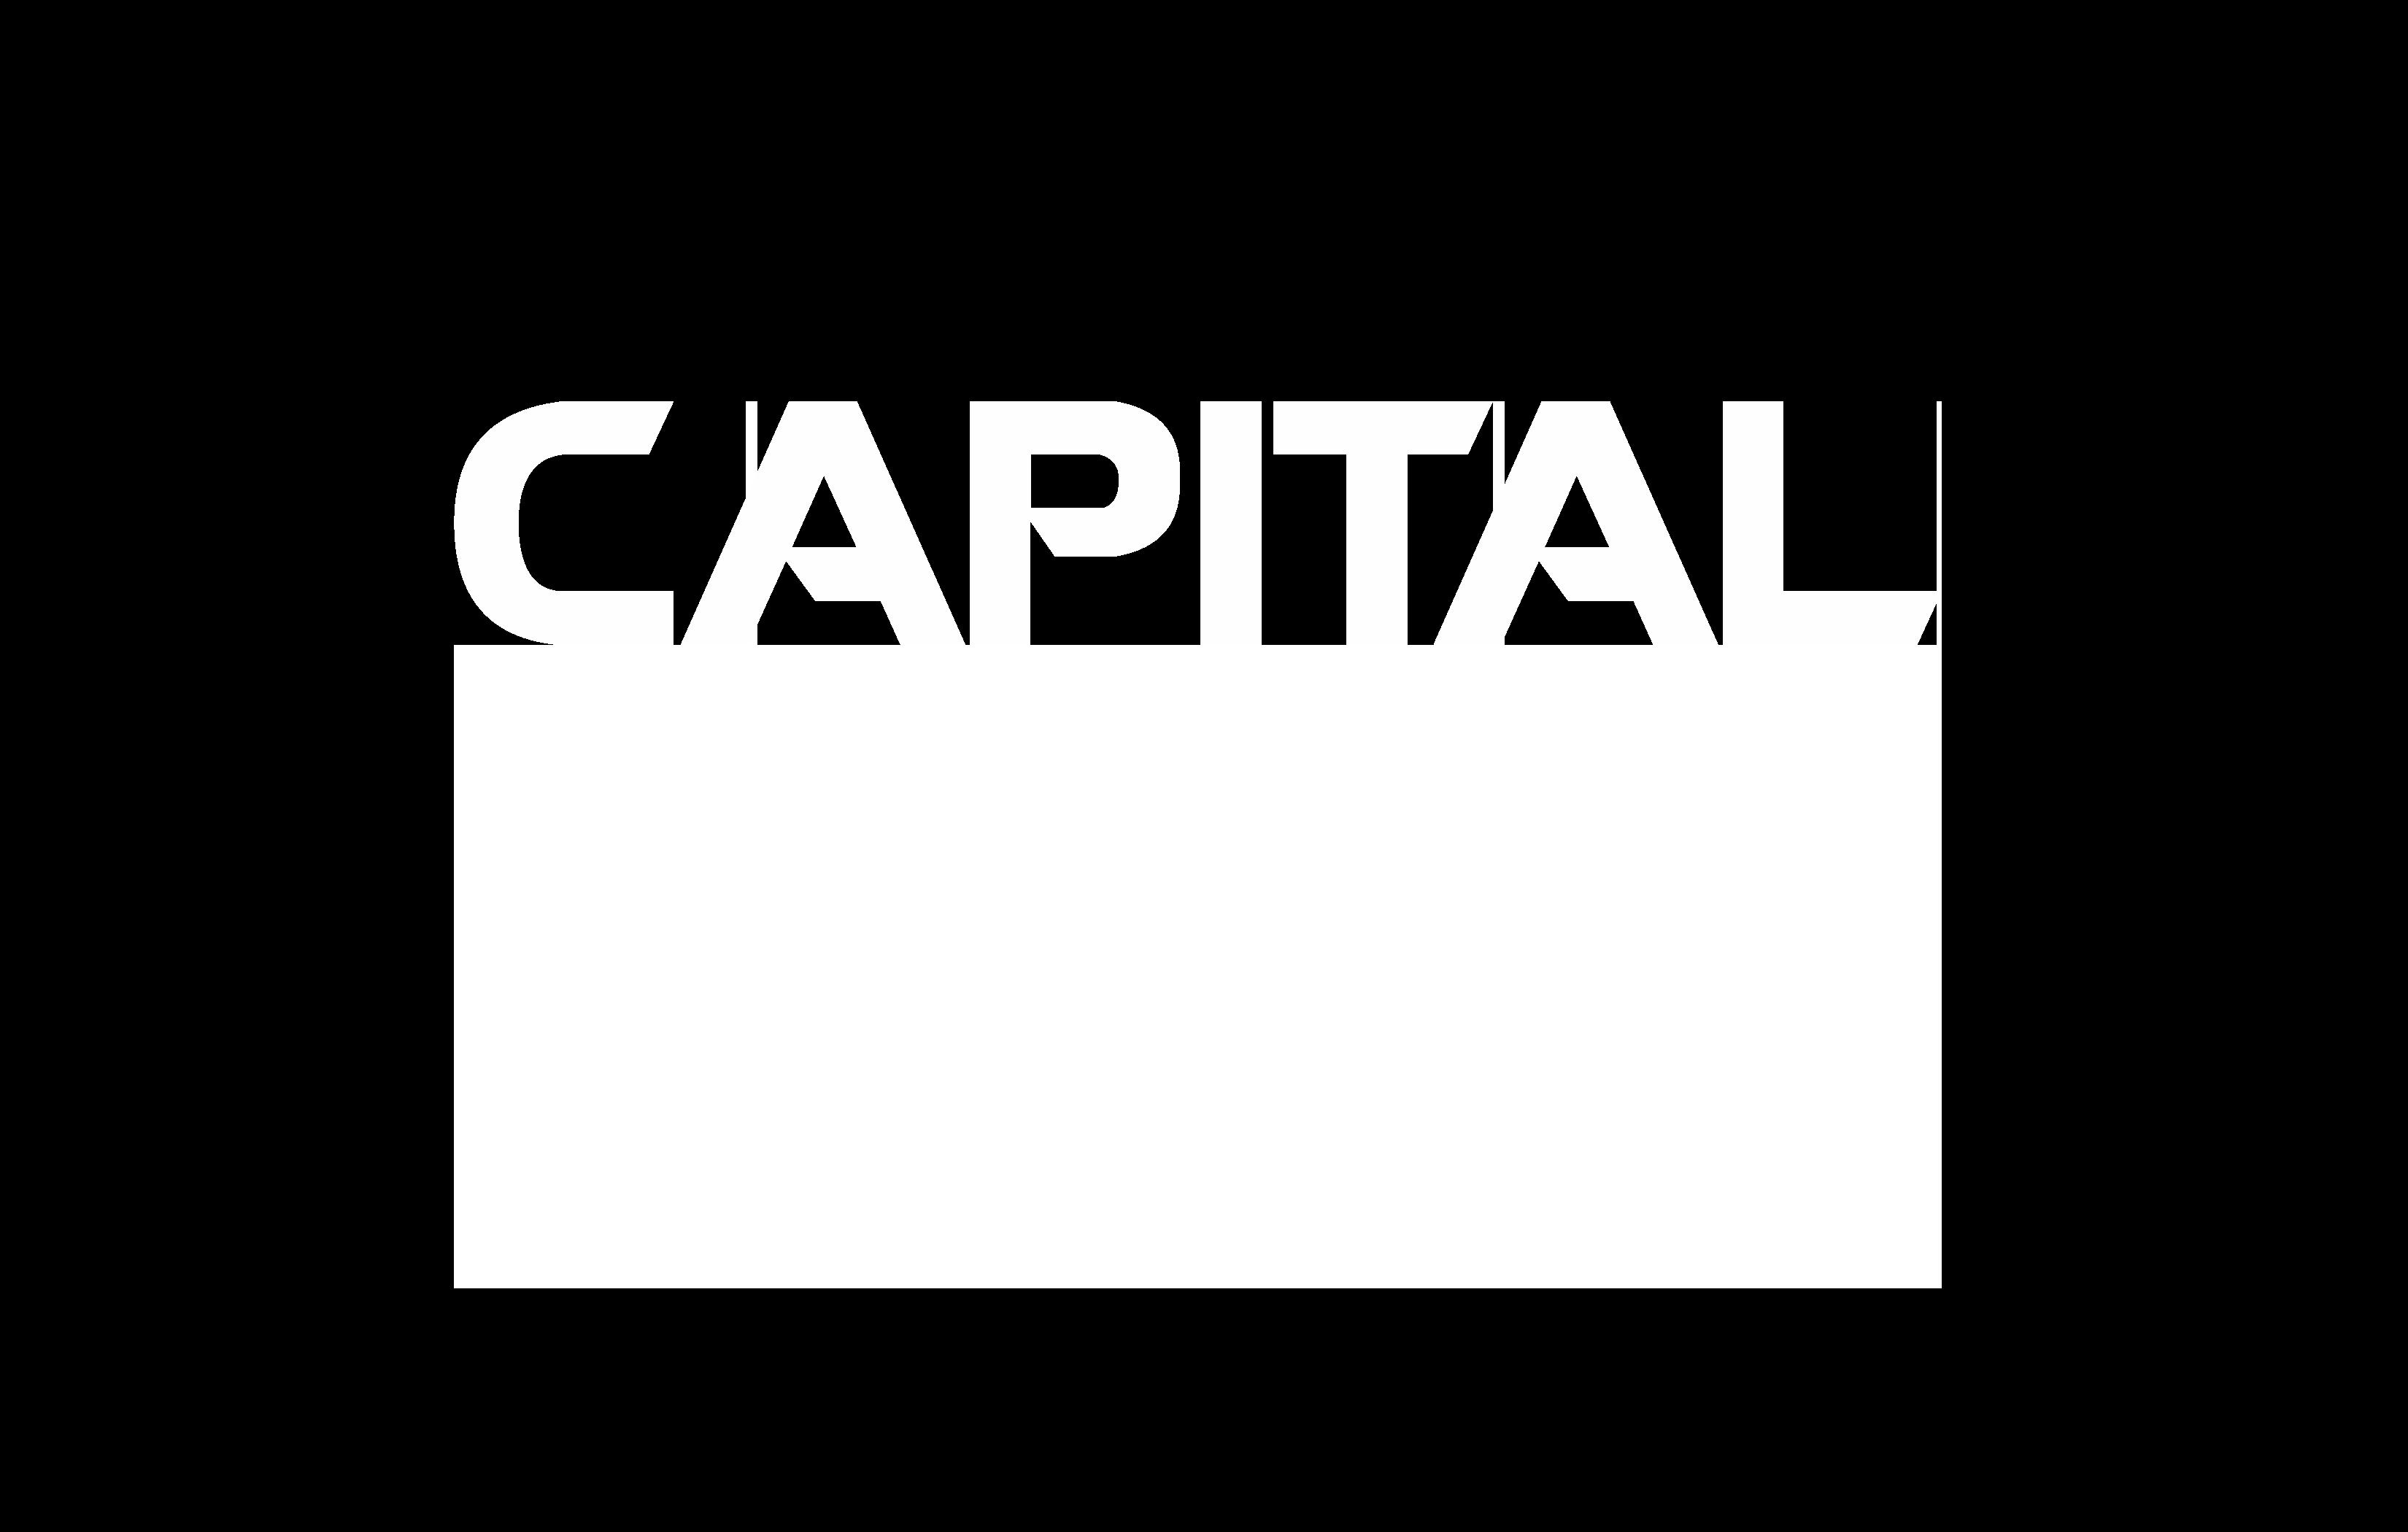 CapitalW